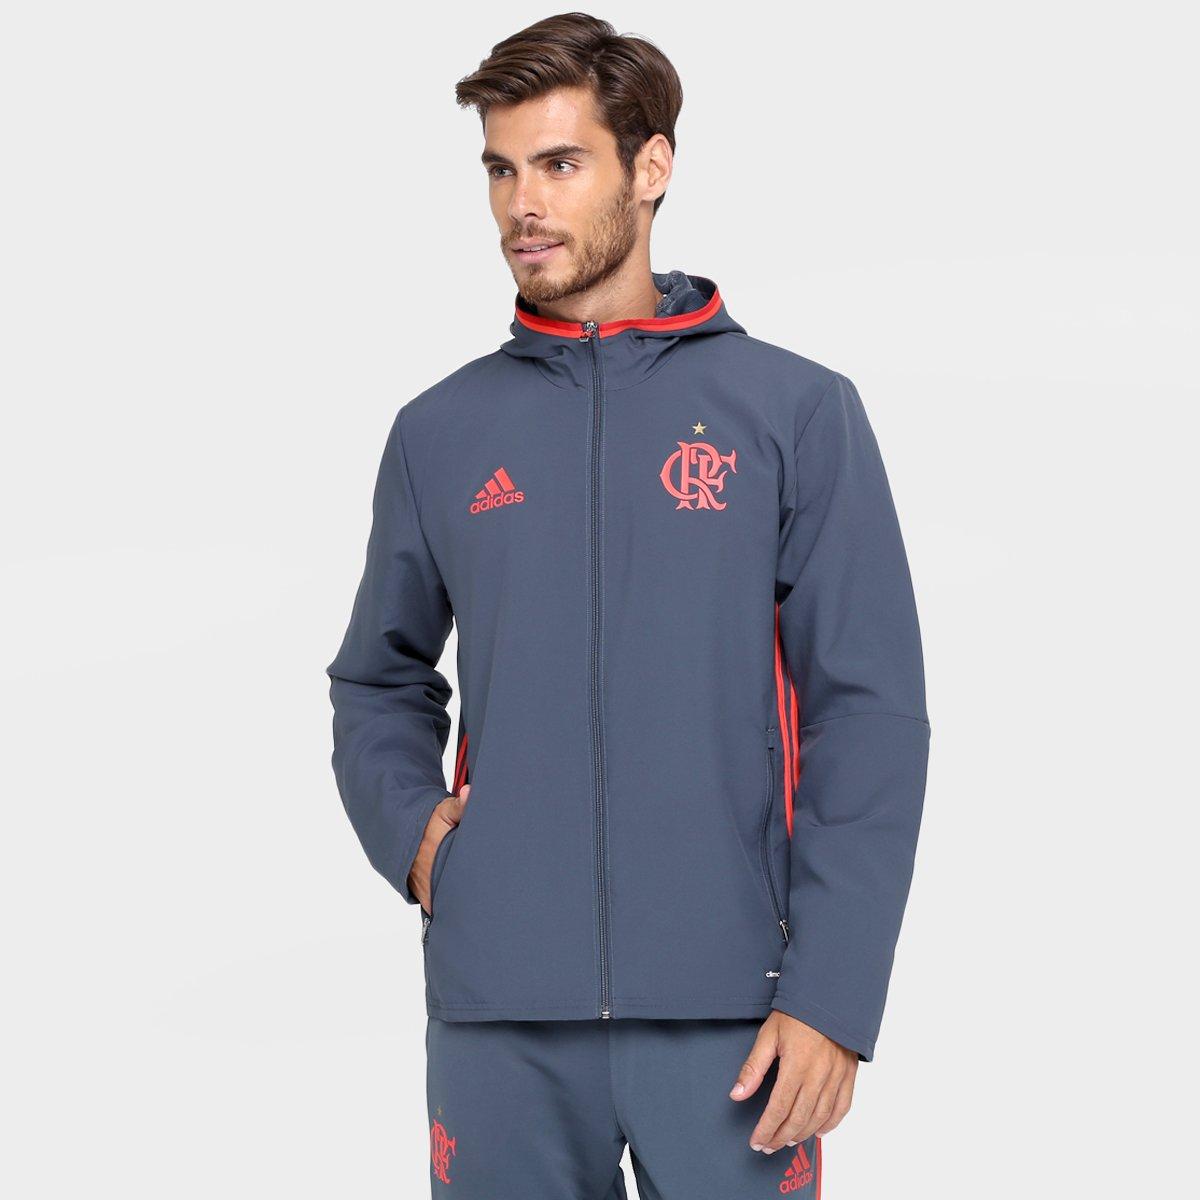 Agasalho Adidas Flamengo Viagem - Compre Agora  7a08183934d2b